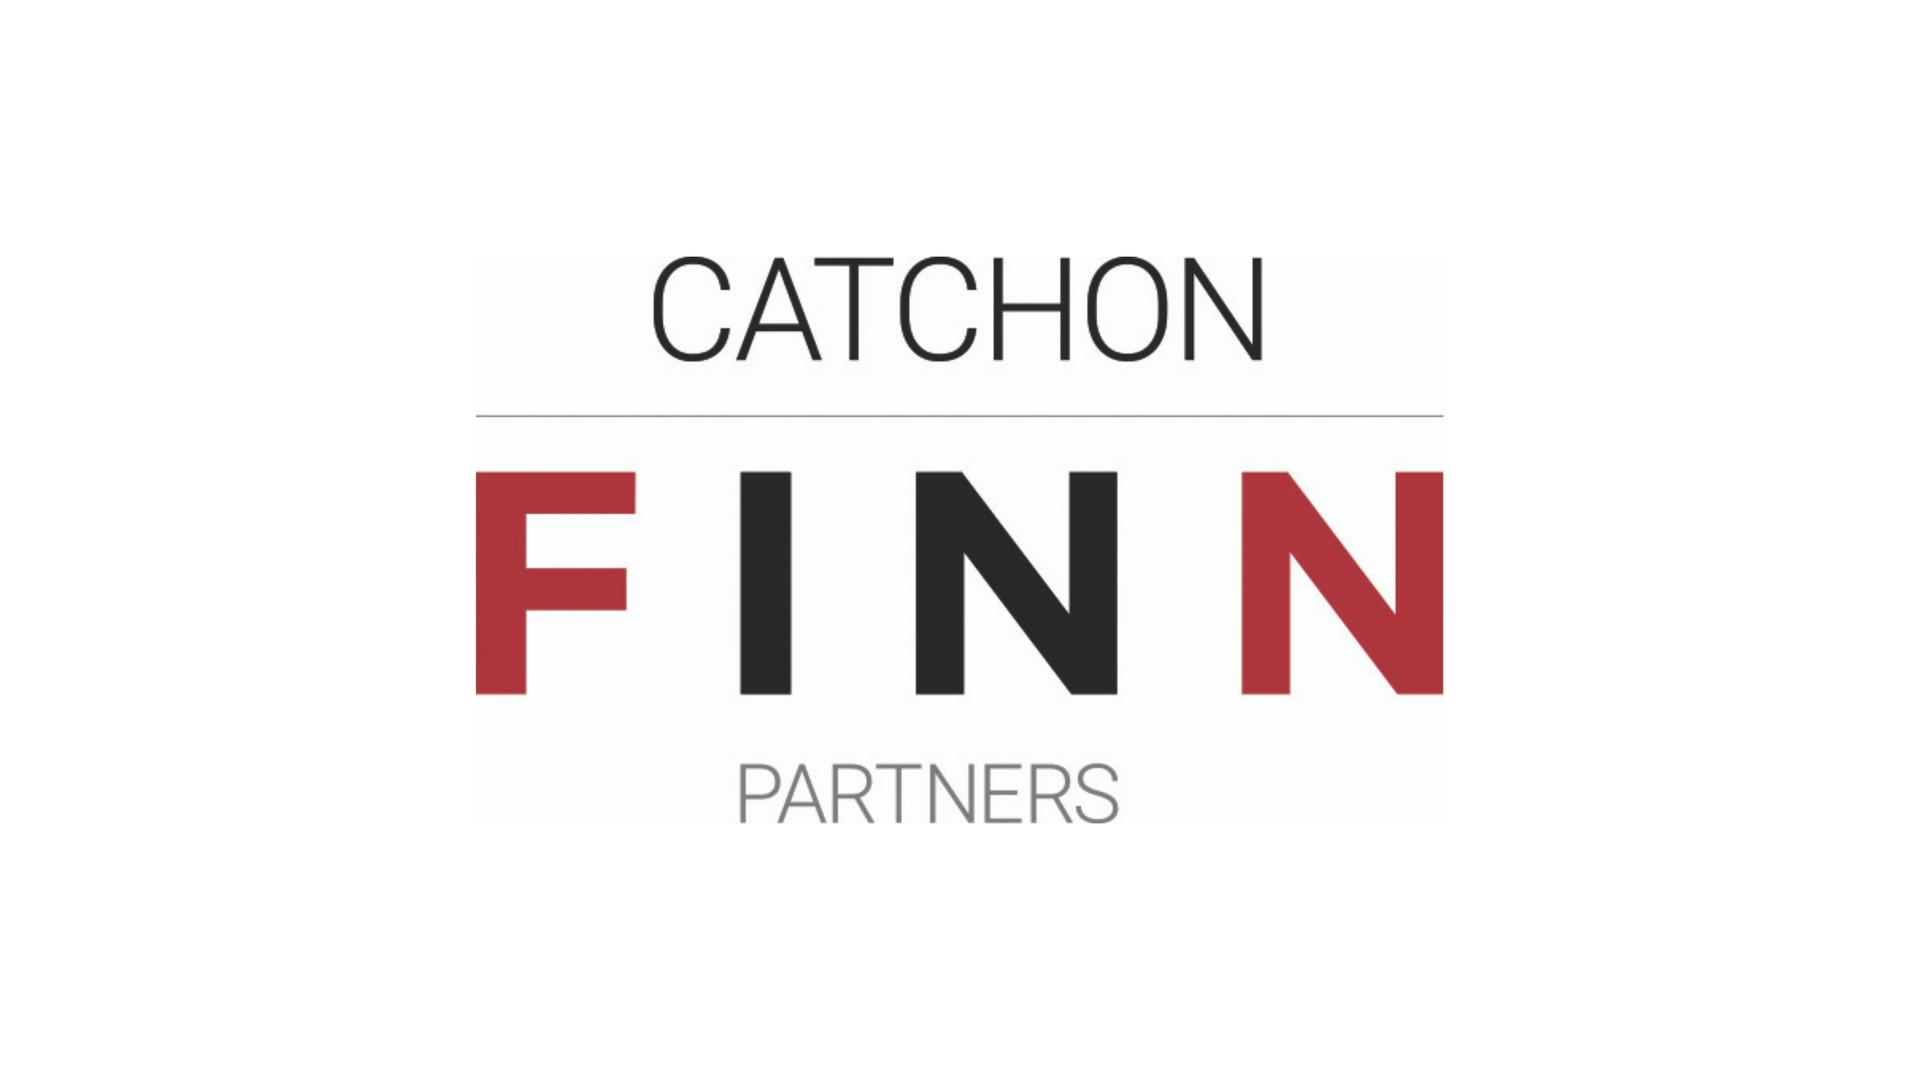 Catchon Finn Partners